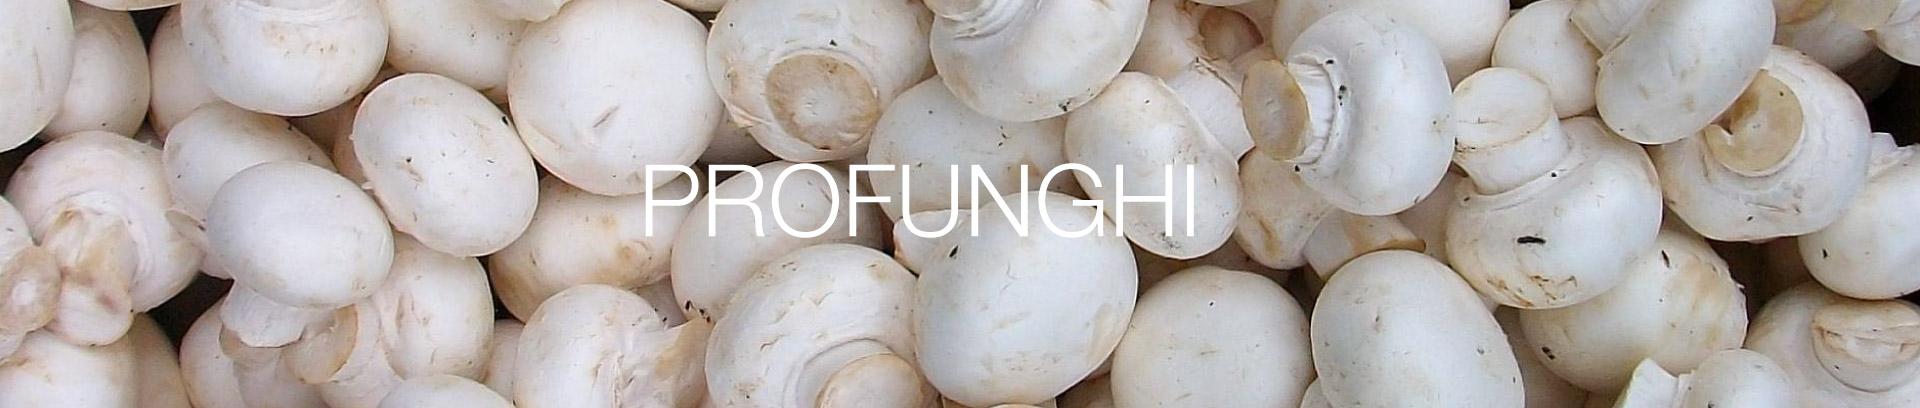 intestazione-profunghi-cooperativa-agricola